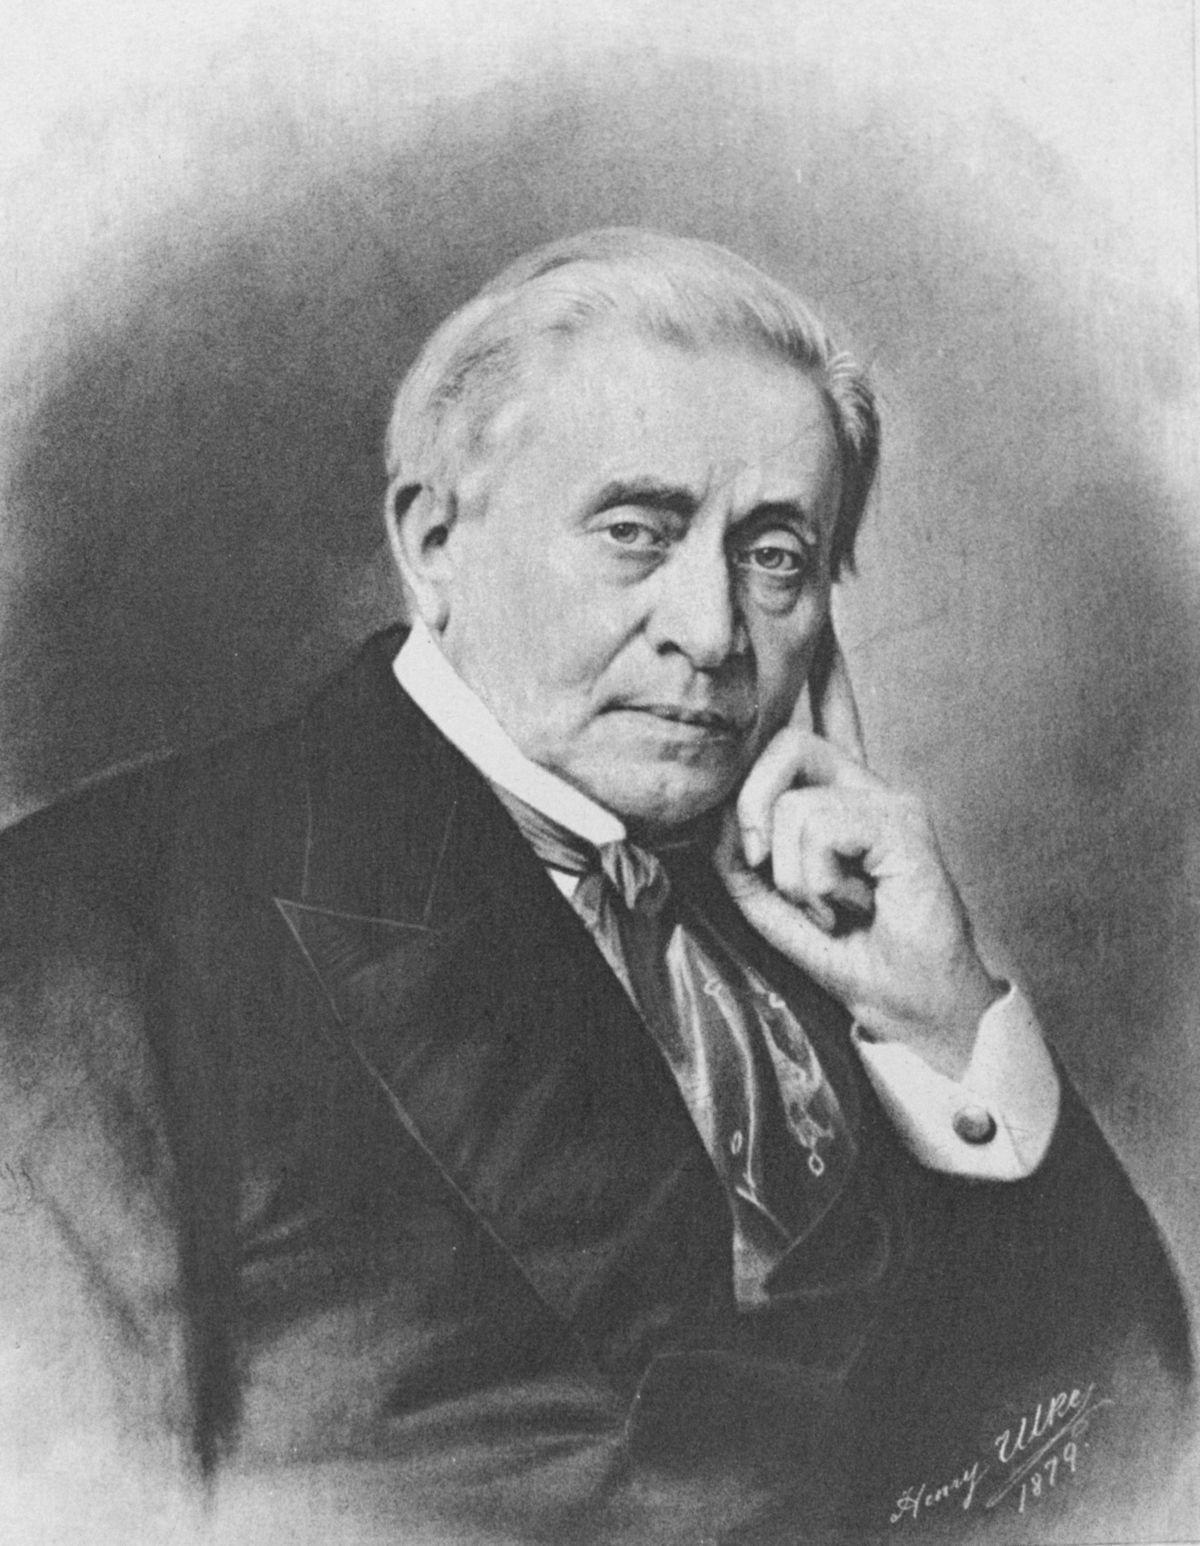 Nhà phát minh rơle- Joseph-Henry-(1879)